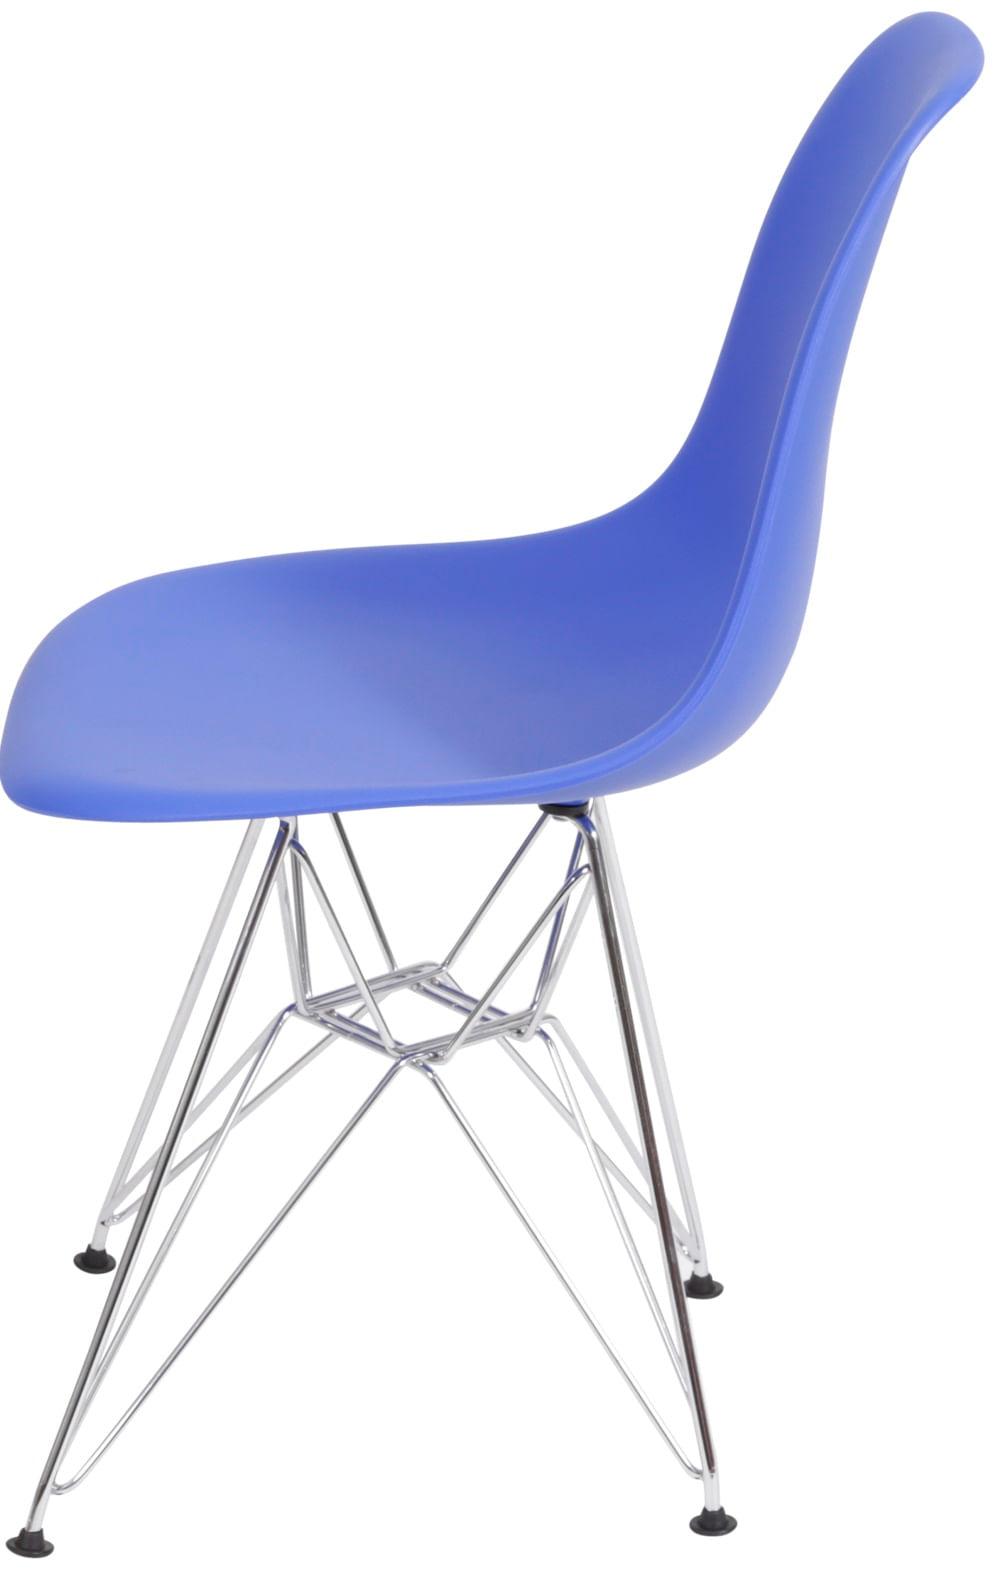 Cadeira Eames Polipropileno Azul Escuro Base Cromada - 40790